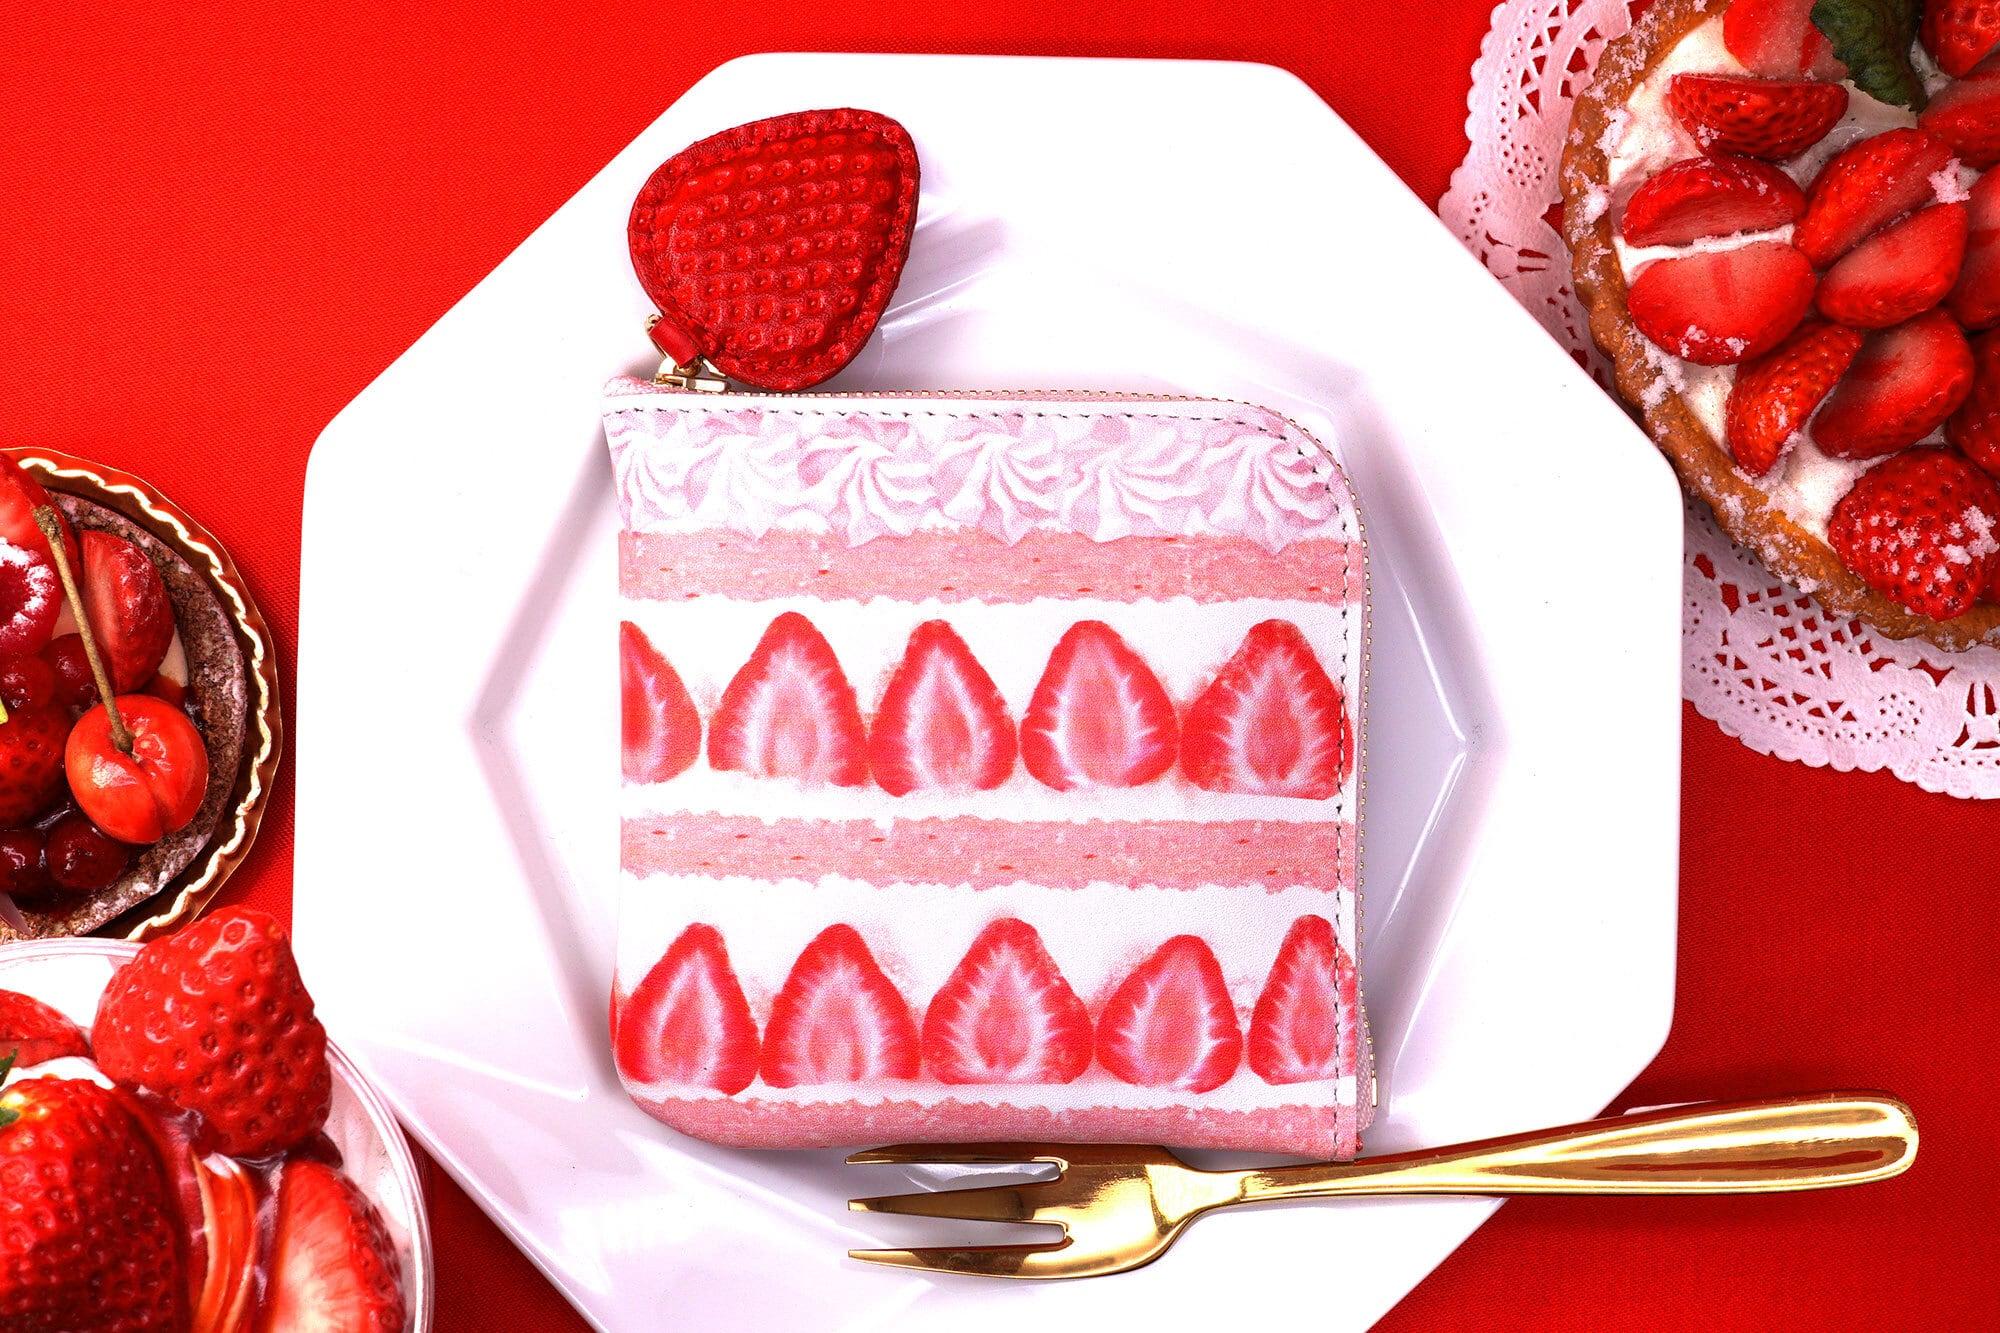 ピンクショートケーキなL字ファスナーコンパクト財布(牛革製)